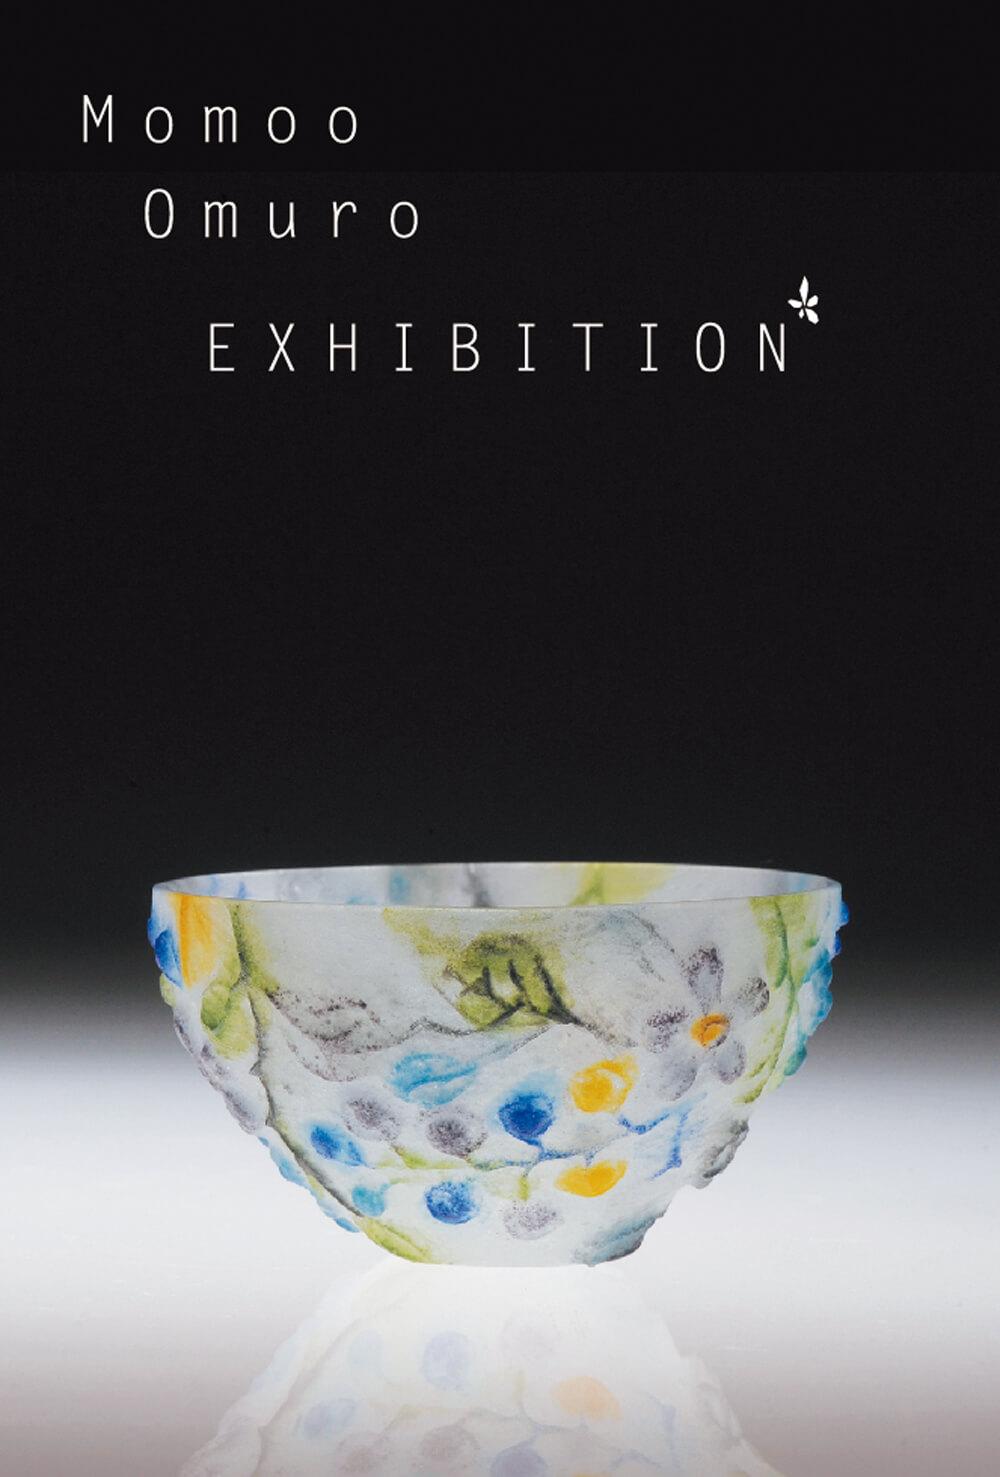 2012年3月30日から開催の「パート・ド・ヴェ-ル 大室 桃生 ガラス展」のDMの画像